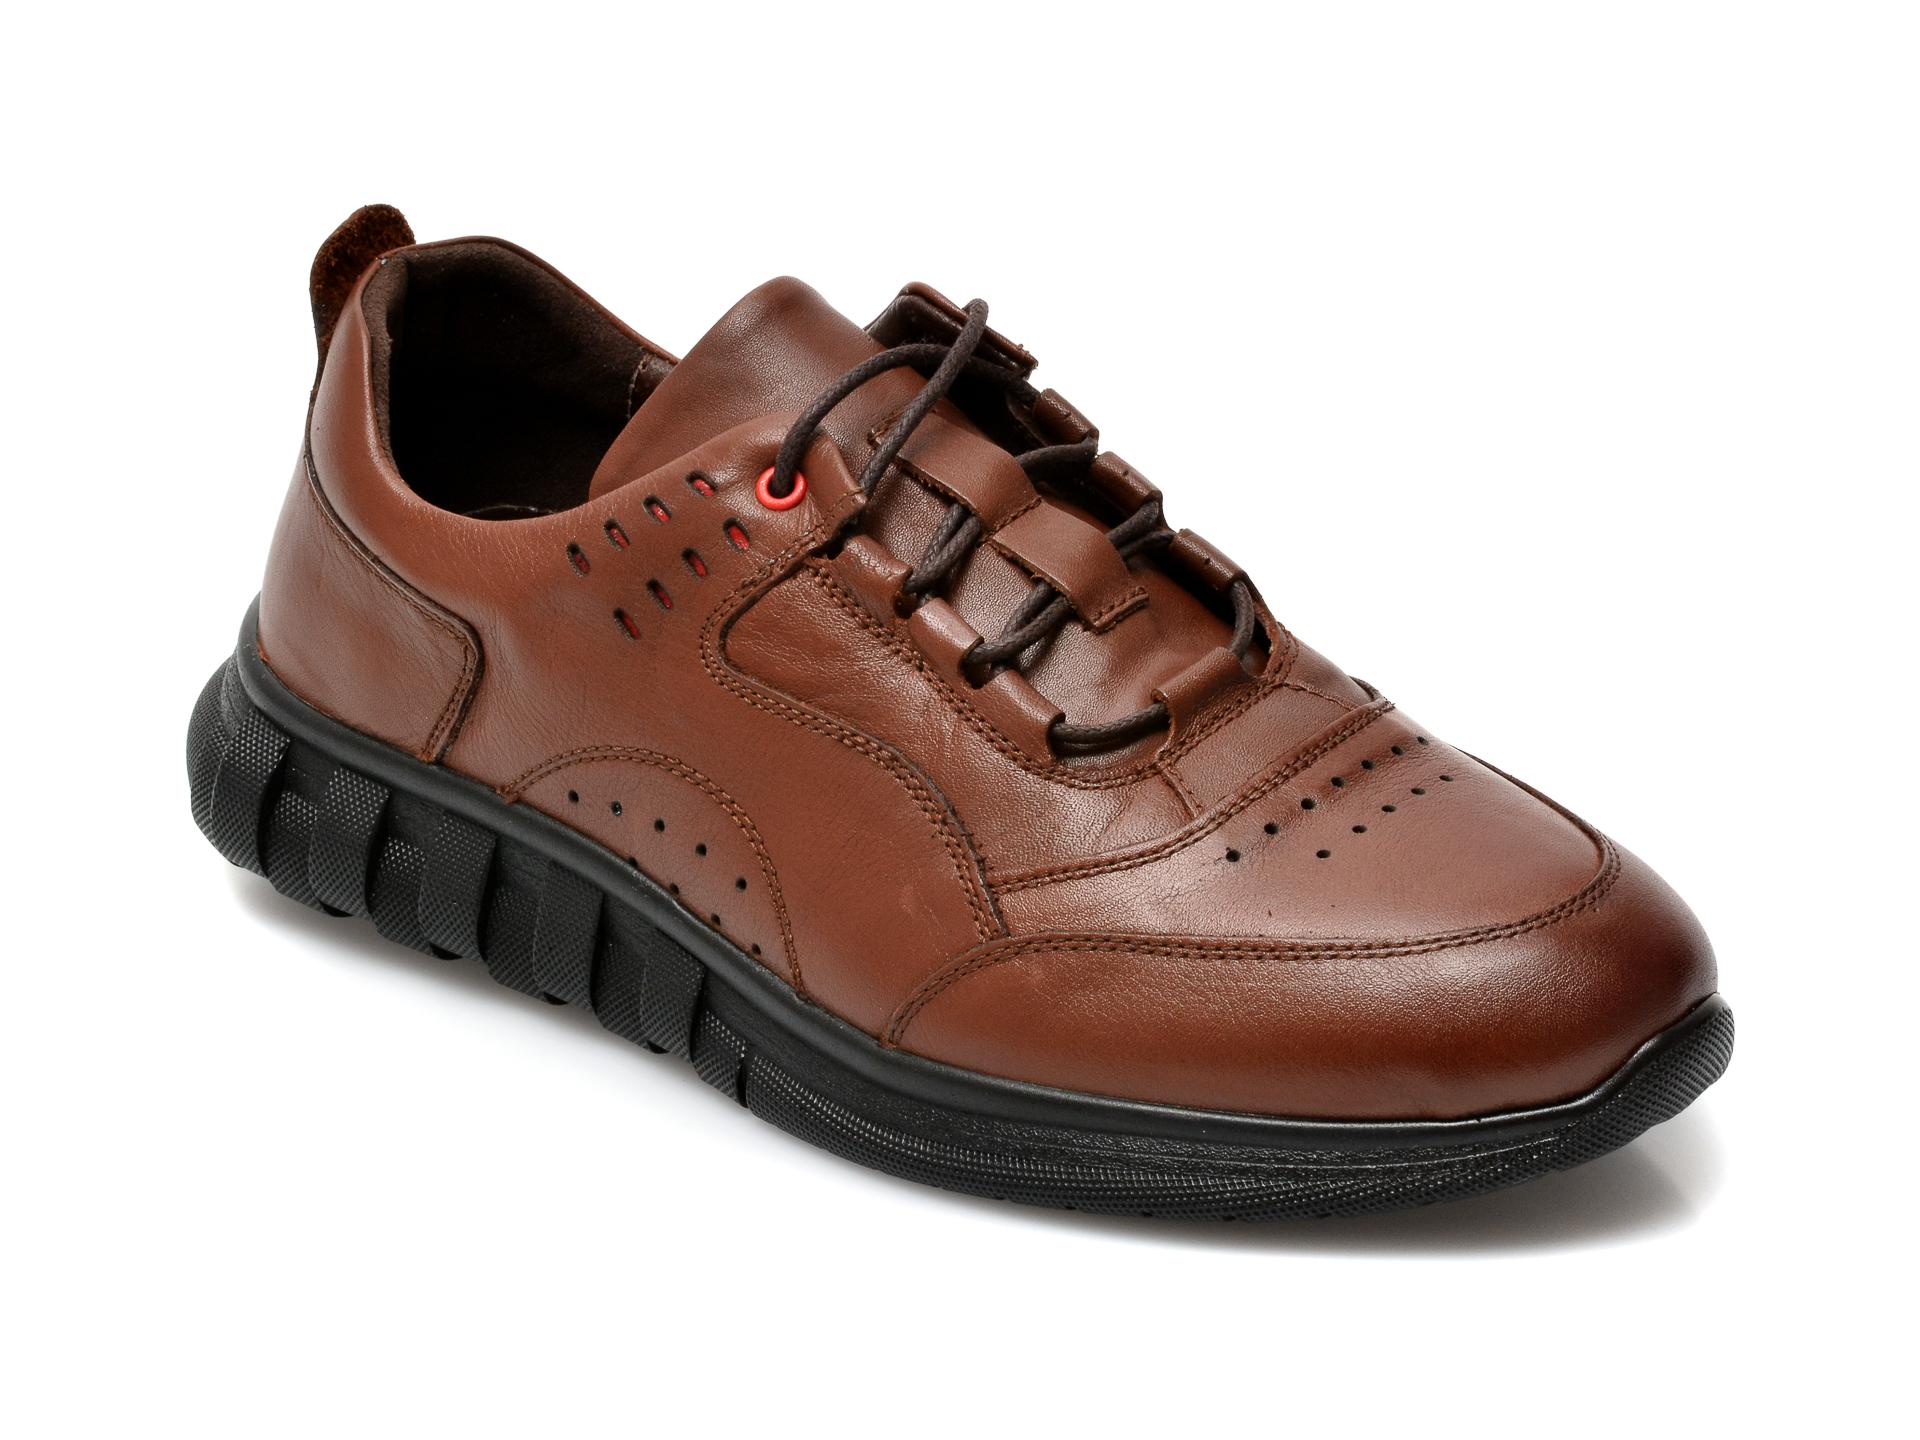 Pantofi GRYXX maro, SYR104, din piele naturala